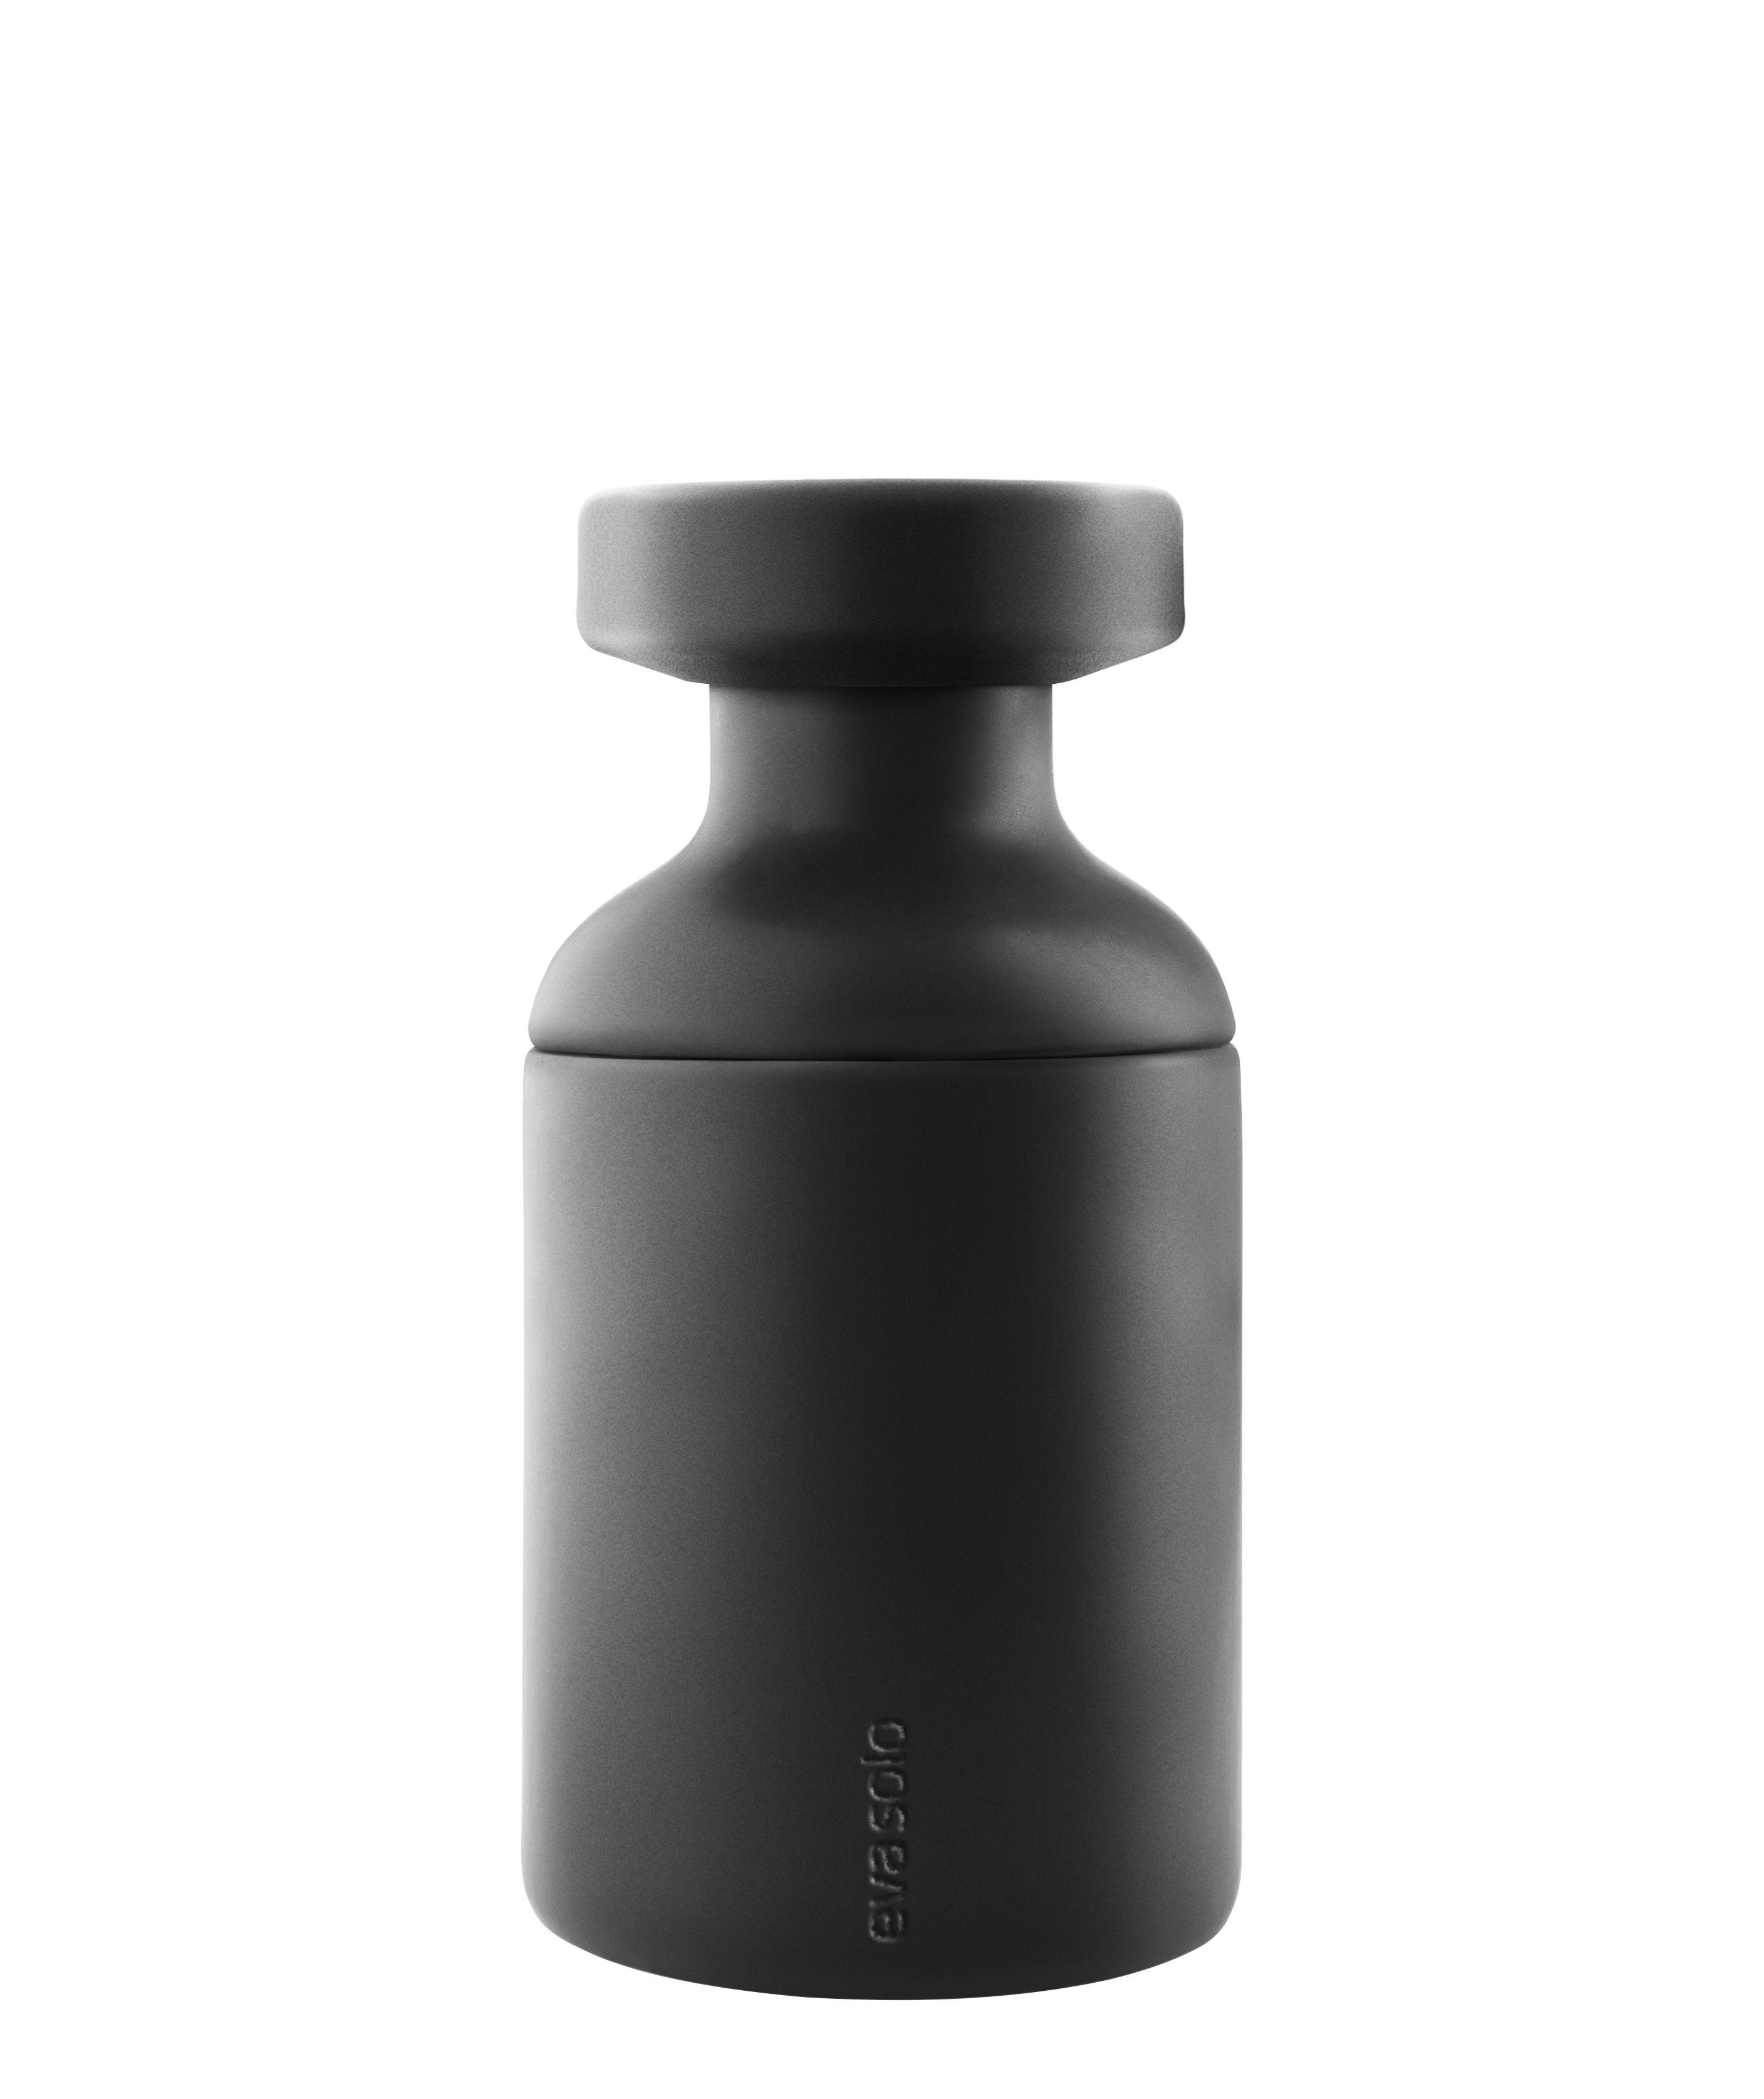 Accessori Bagno Le Bain.Vaso Pour Salle De Bain Eva Solo Nero Opaco H 15 X O 8 Made In